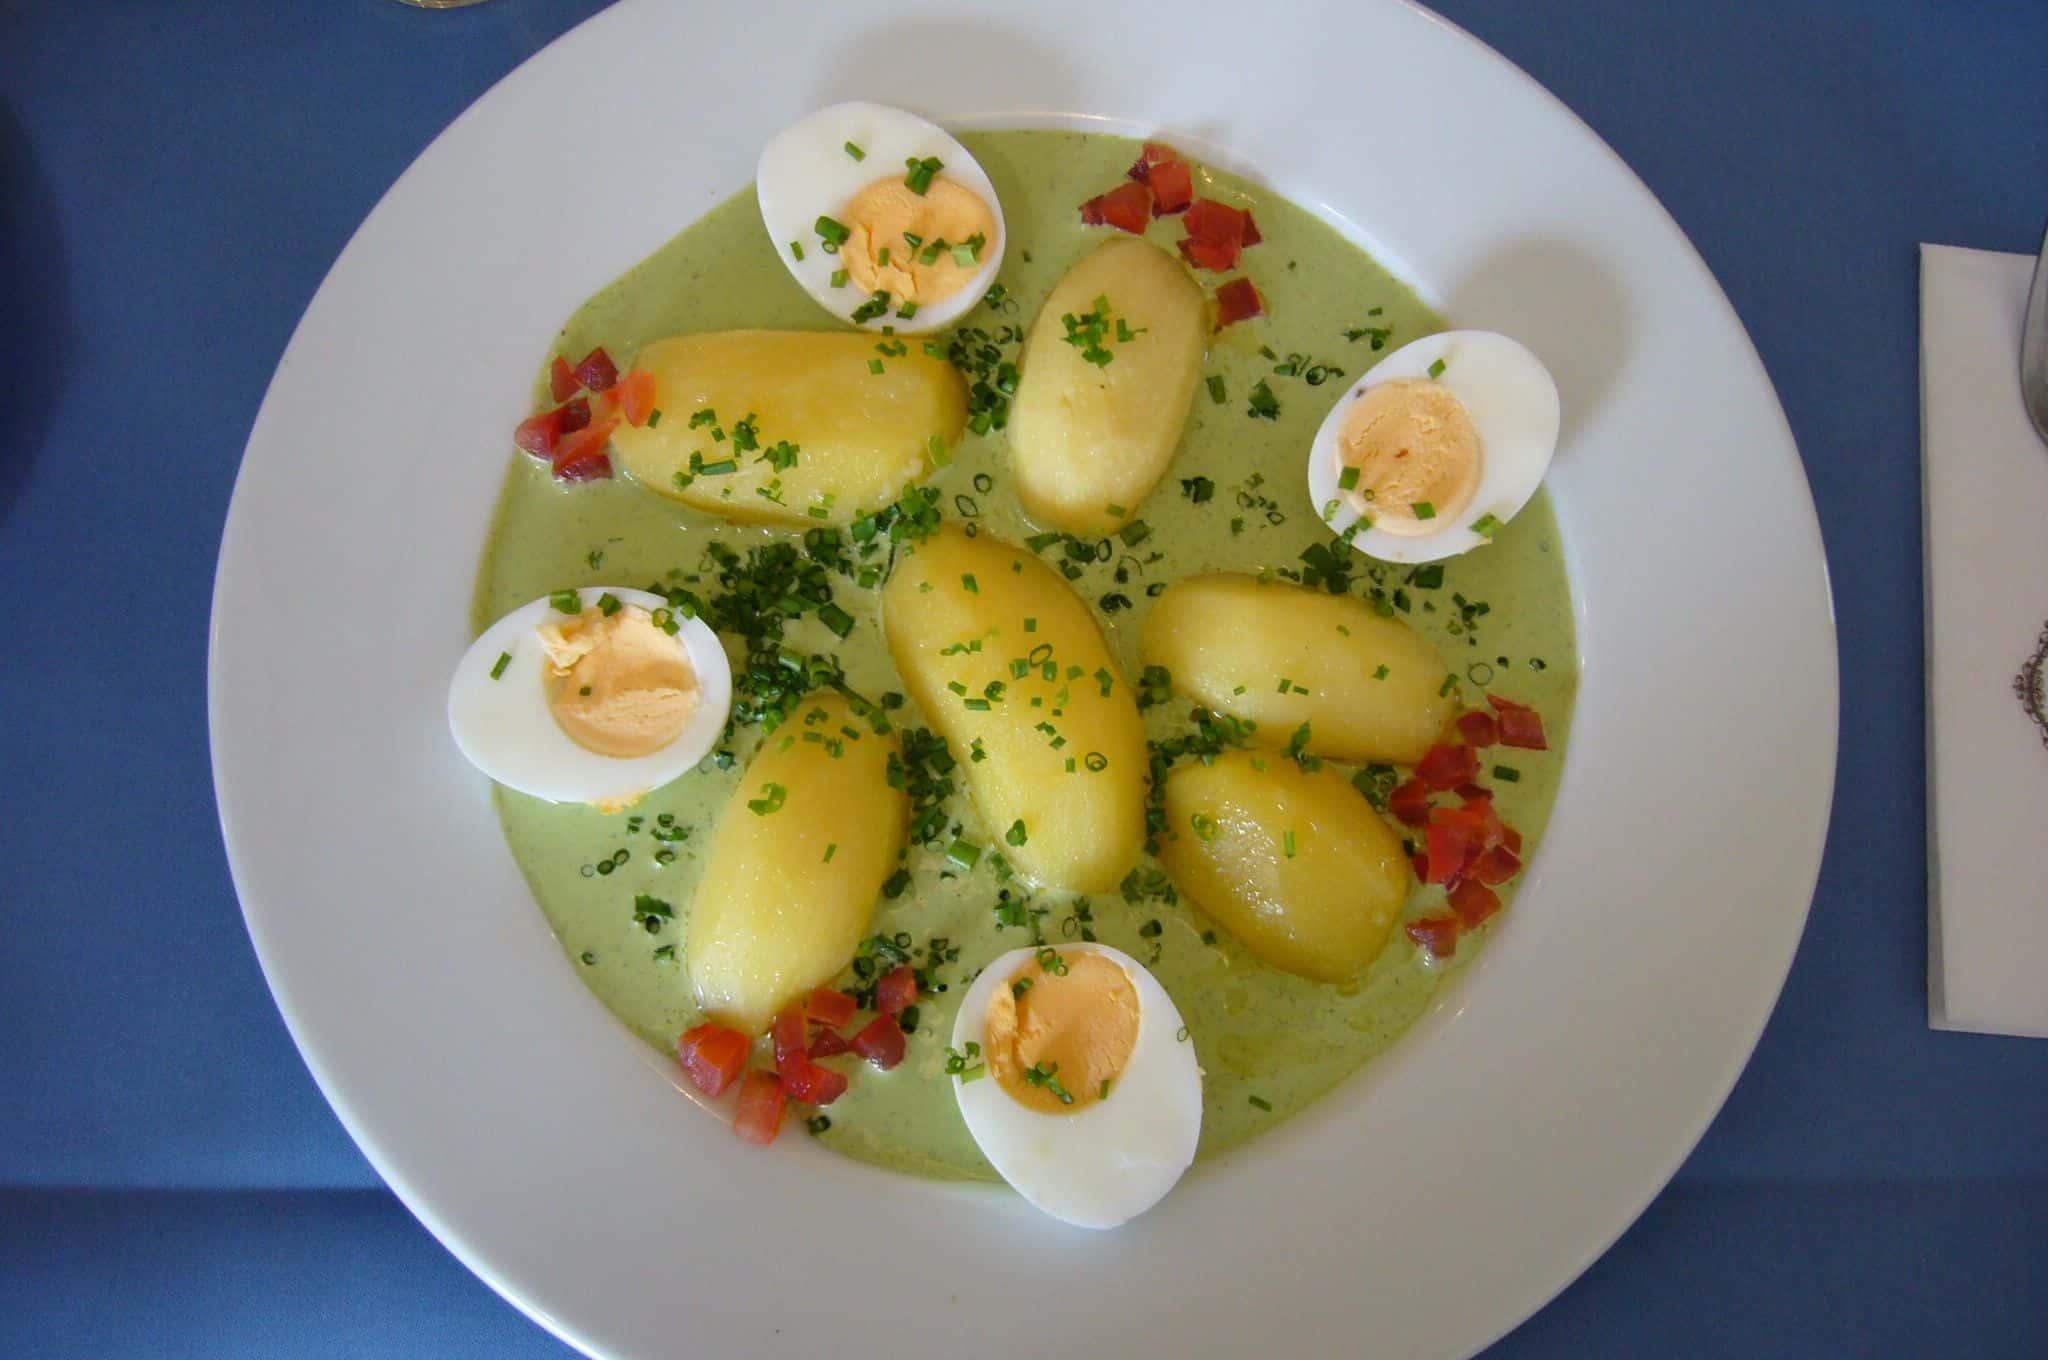 Eier, Kartoffeln und die berühmte Frankfurter Grüne Soß